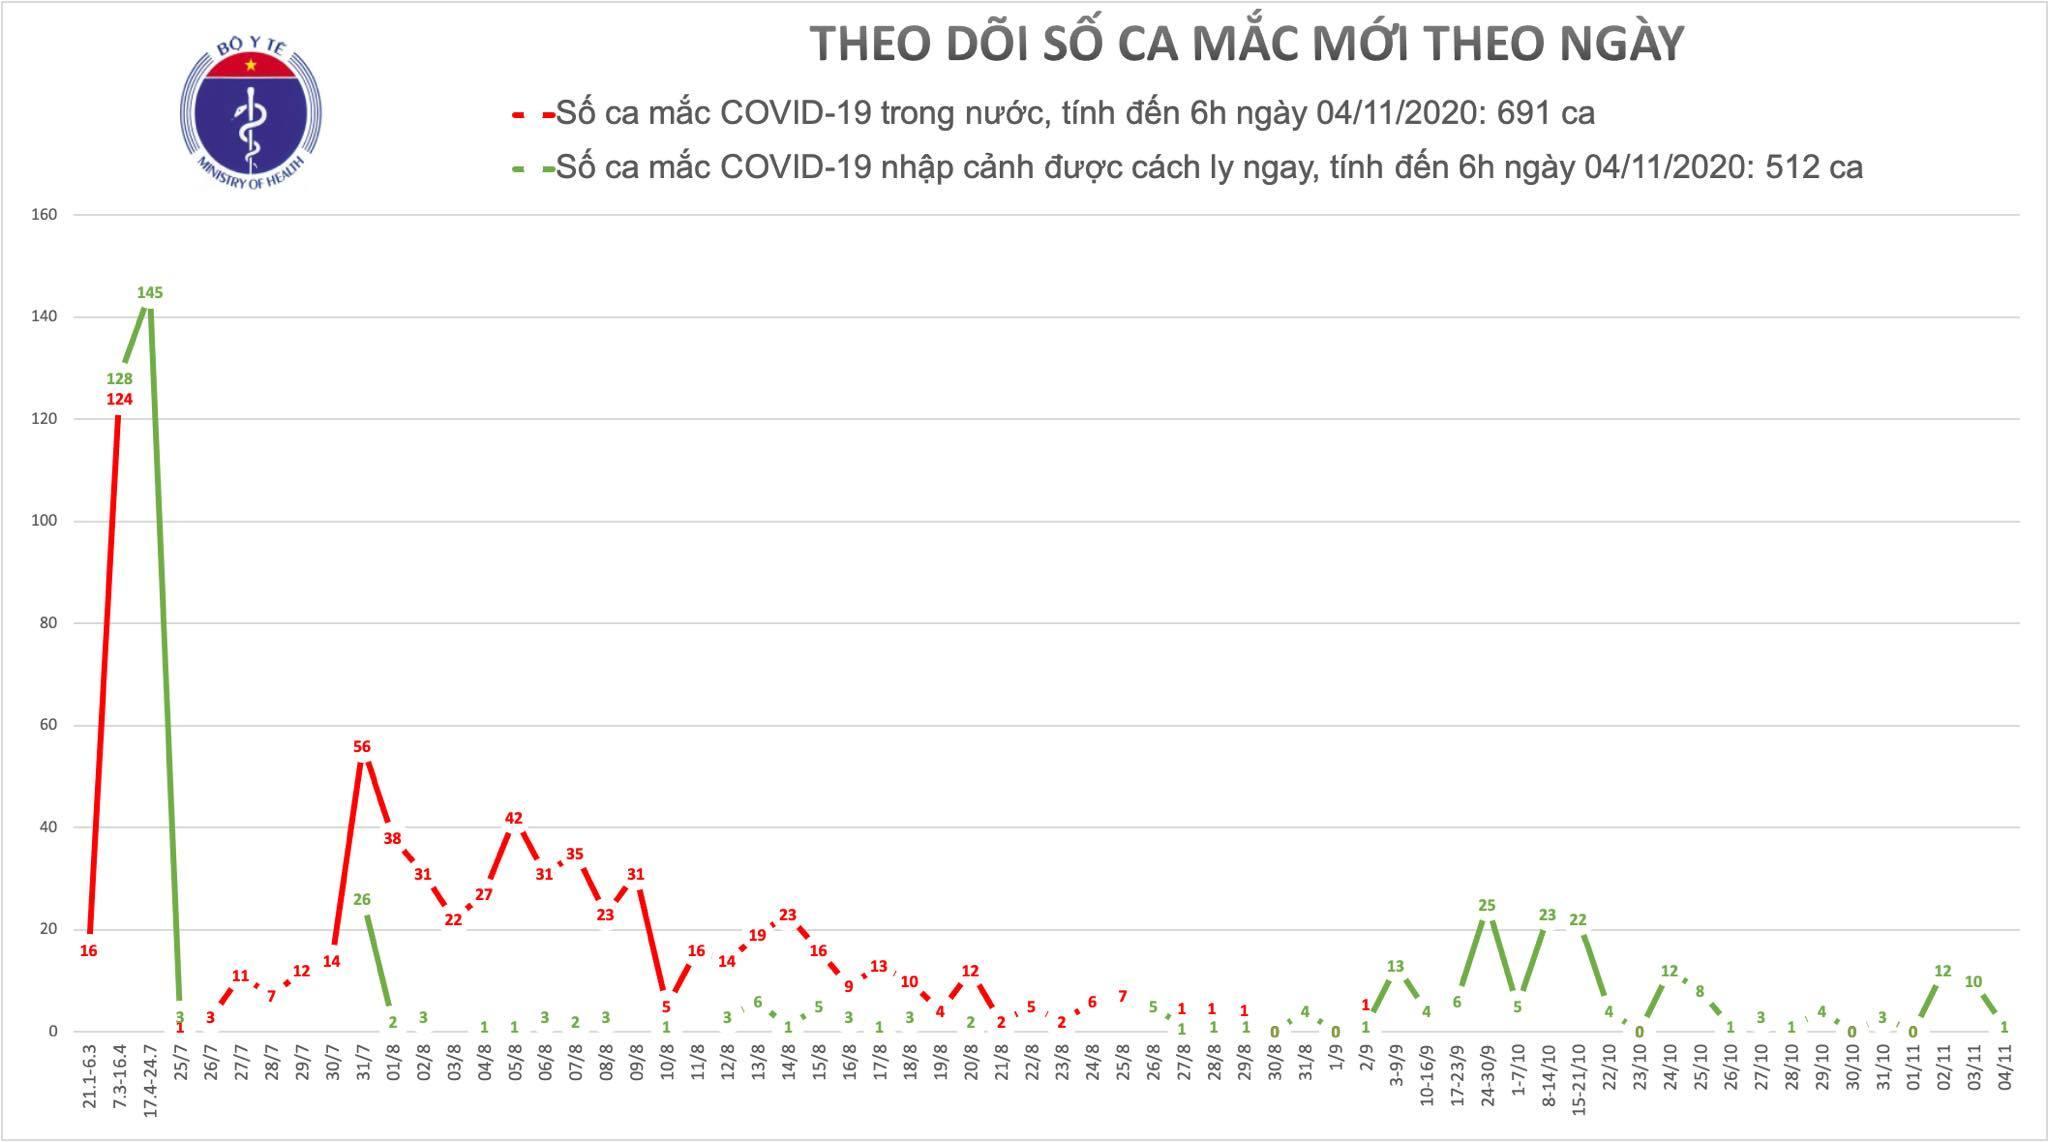 Nam chuyên gia Israel là bệnh nhân 1203 mắc Covid-19 tại Việt Nam